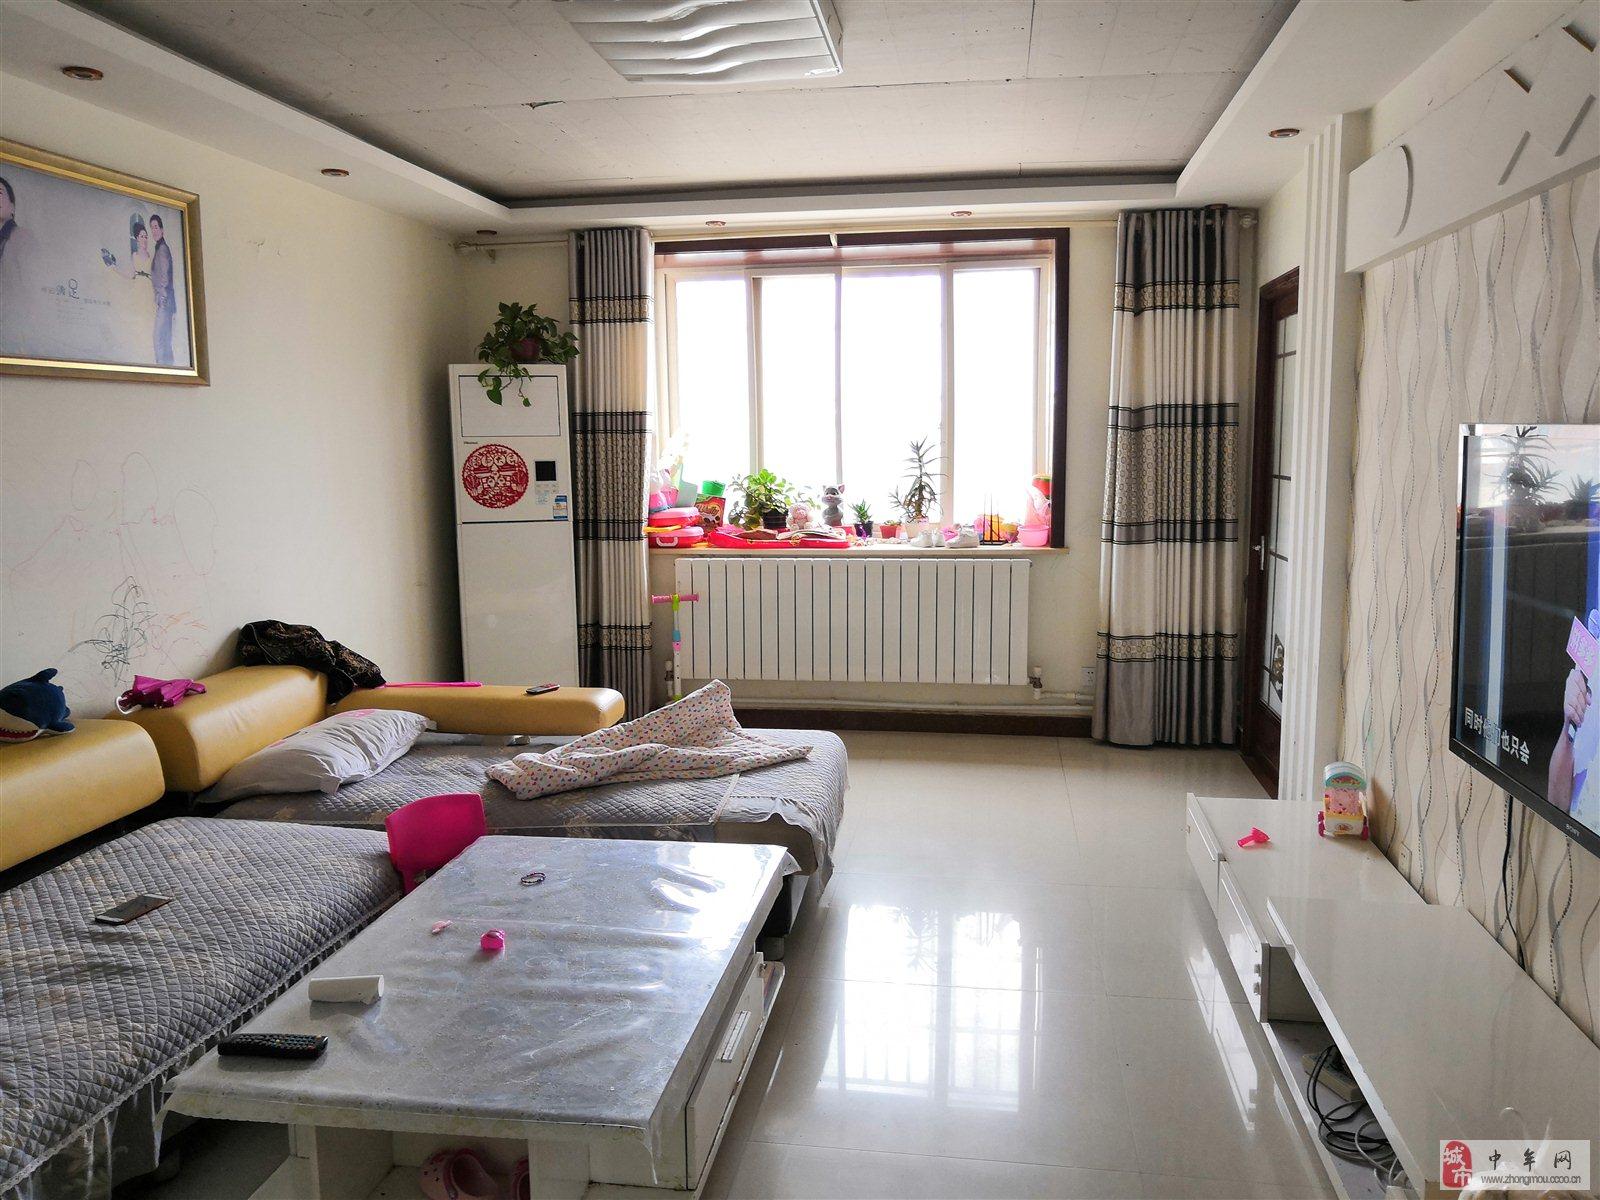 紫藤嘉园精装大三房3室2厅2卫95万元